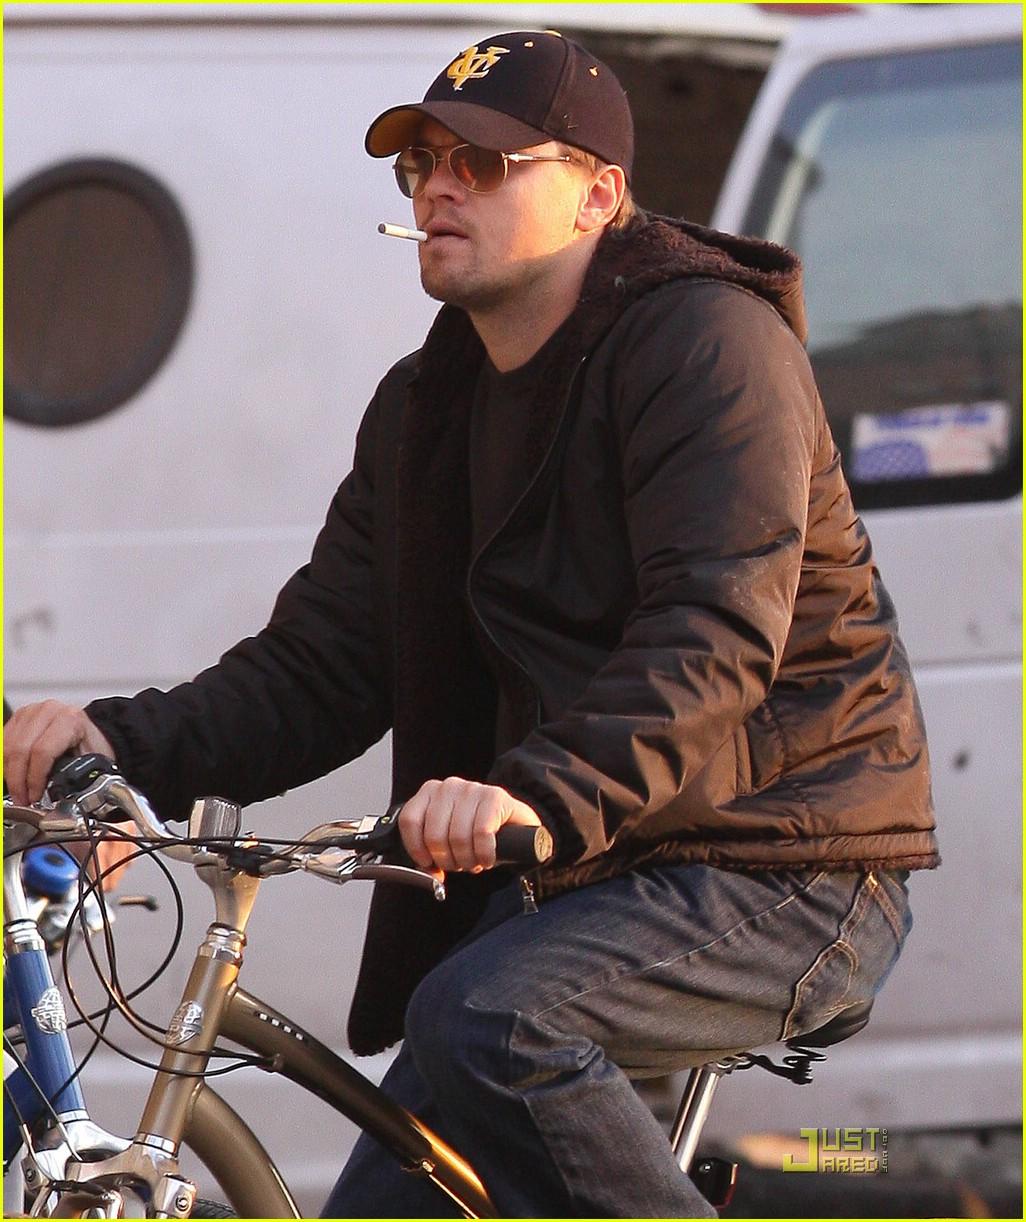 Leonardo Dicaprio Is A Smoking Cyclist Photo 1778781